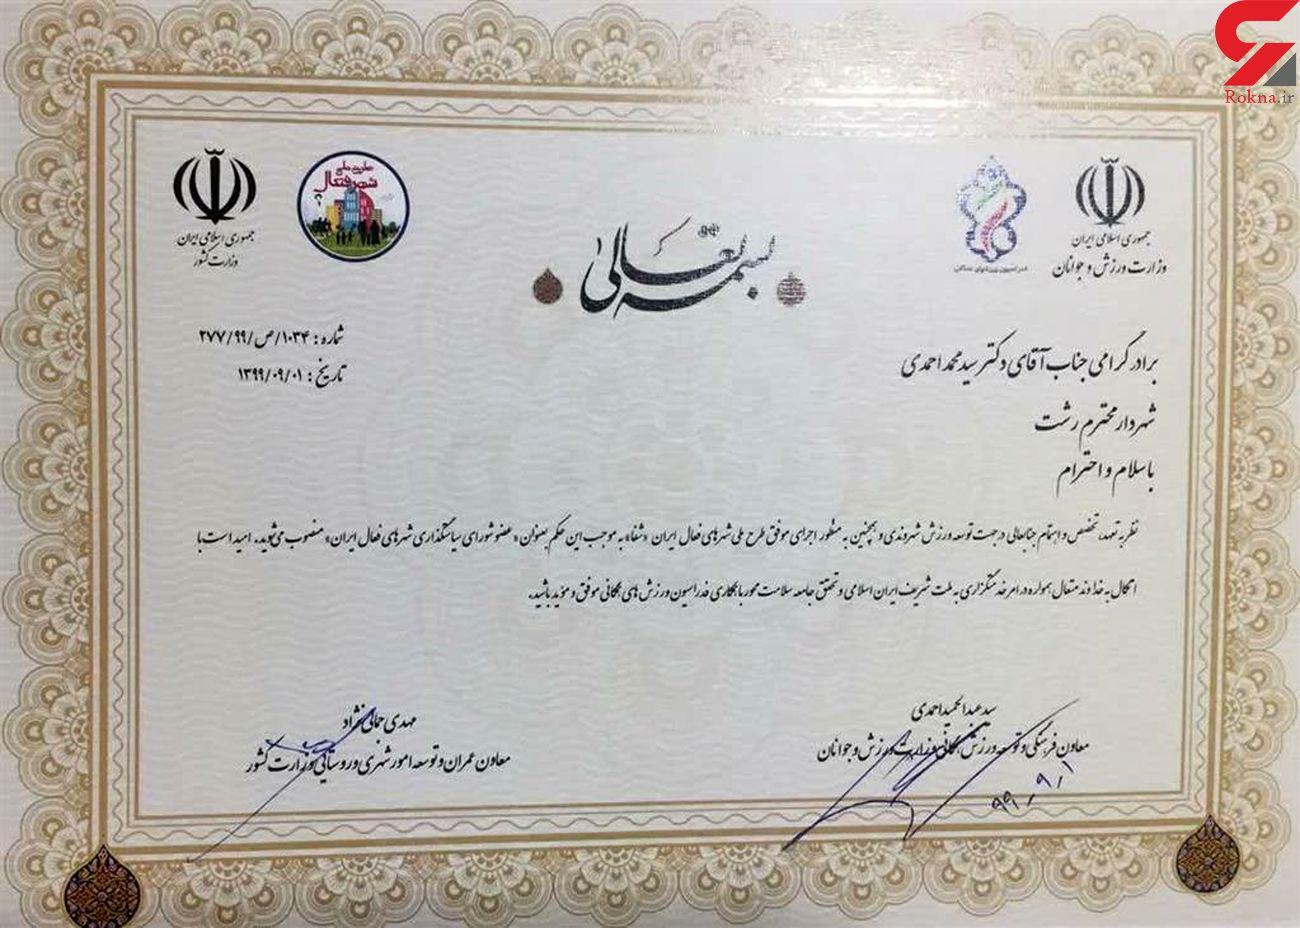 عضو شورای سیاستگذاری شهرهای فعال ایران در گیلان مشخص شد